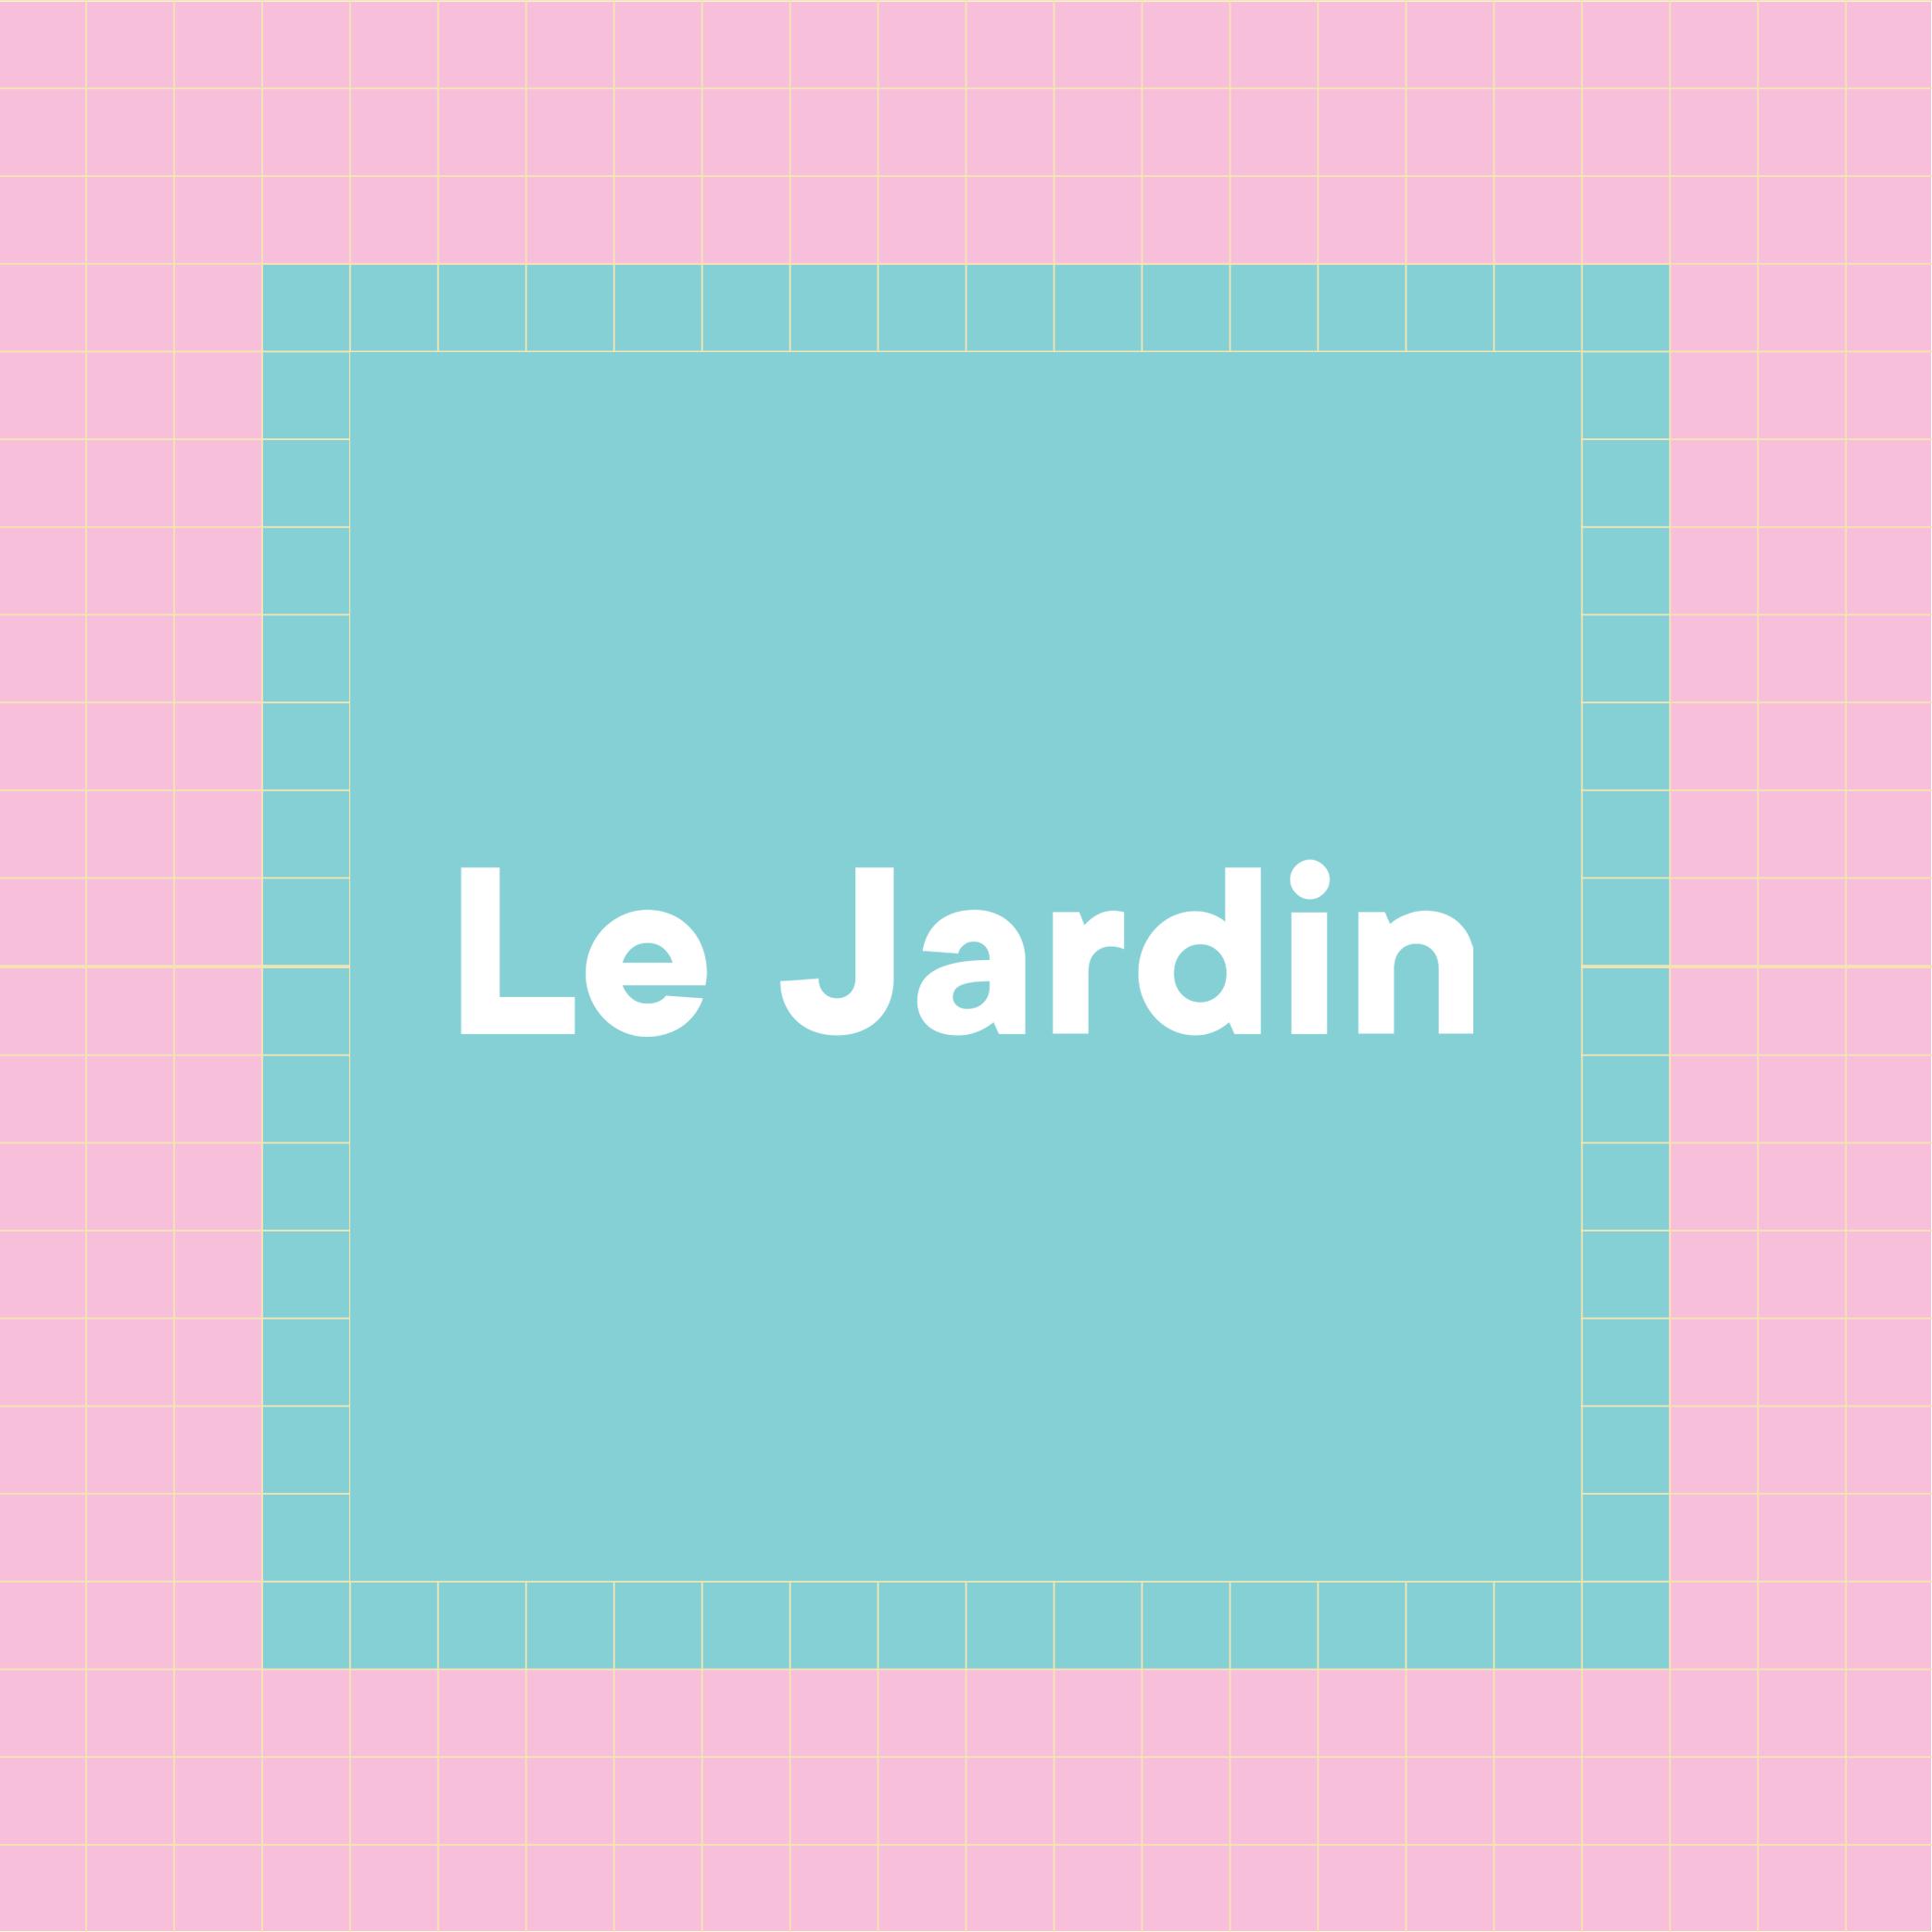 LE JARDIN, prestations extérieures gratuites